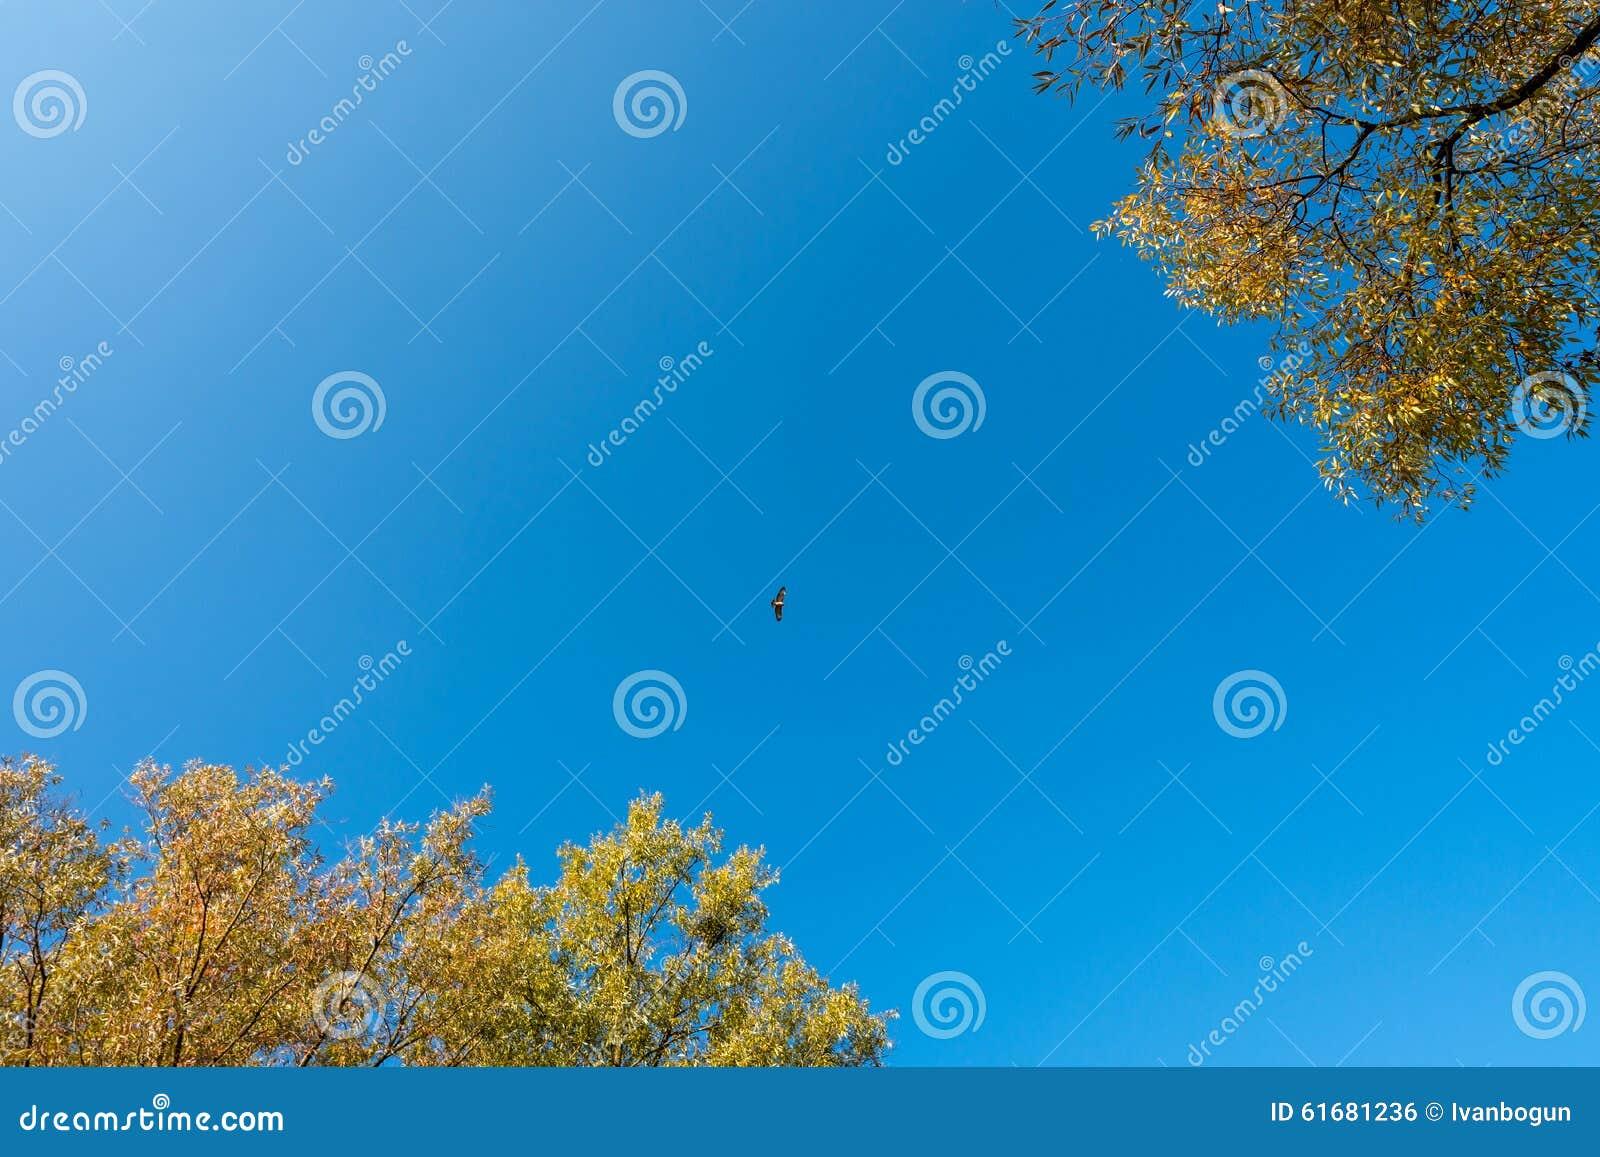 Falcon Fly Stock Photo - Image: 61681236